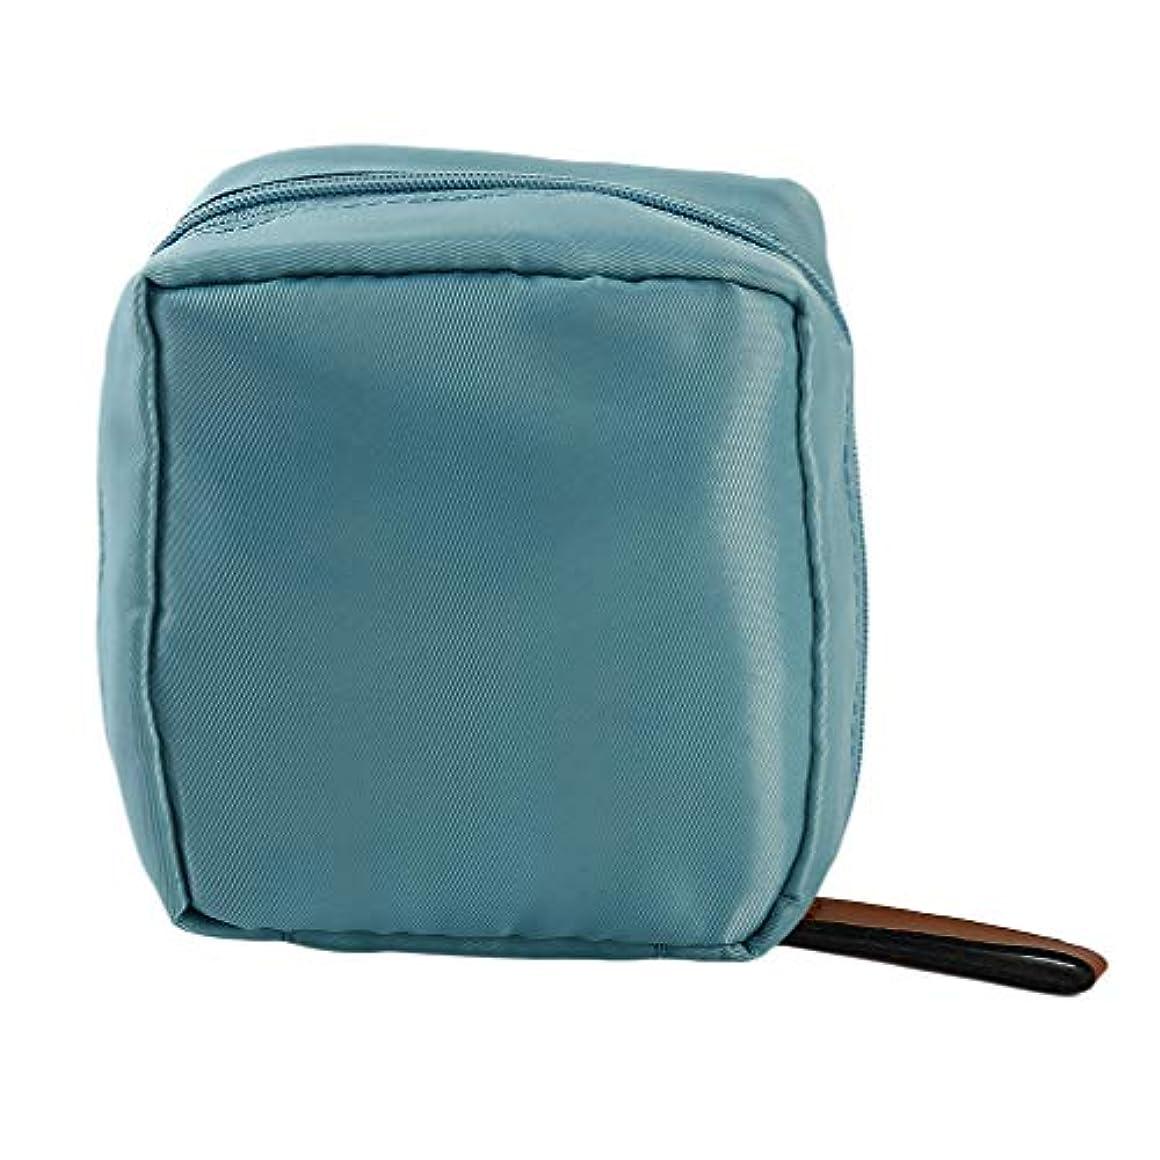 小川放置二度青空の日差し 化粧ポーチ 収納ボックス トイレタリーバッグ ストライプ トラベルポーチ 化粧品 大容量 収納力抜群 旅行 出張 軽量 ブルー